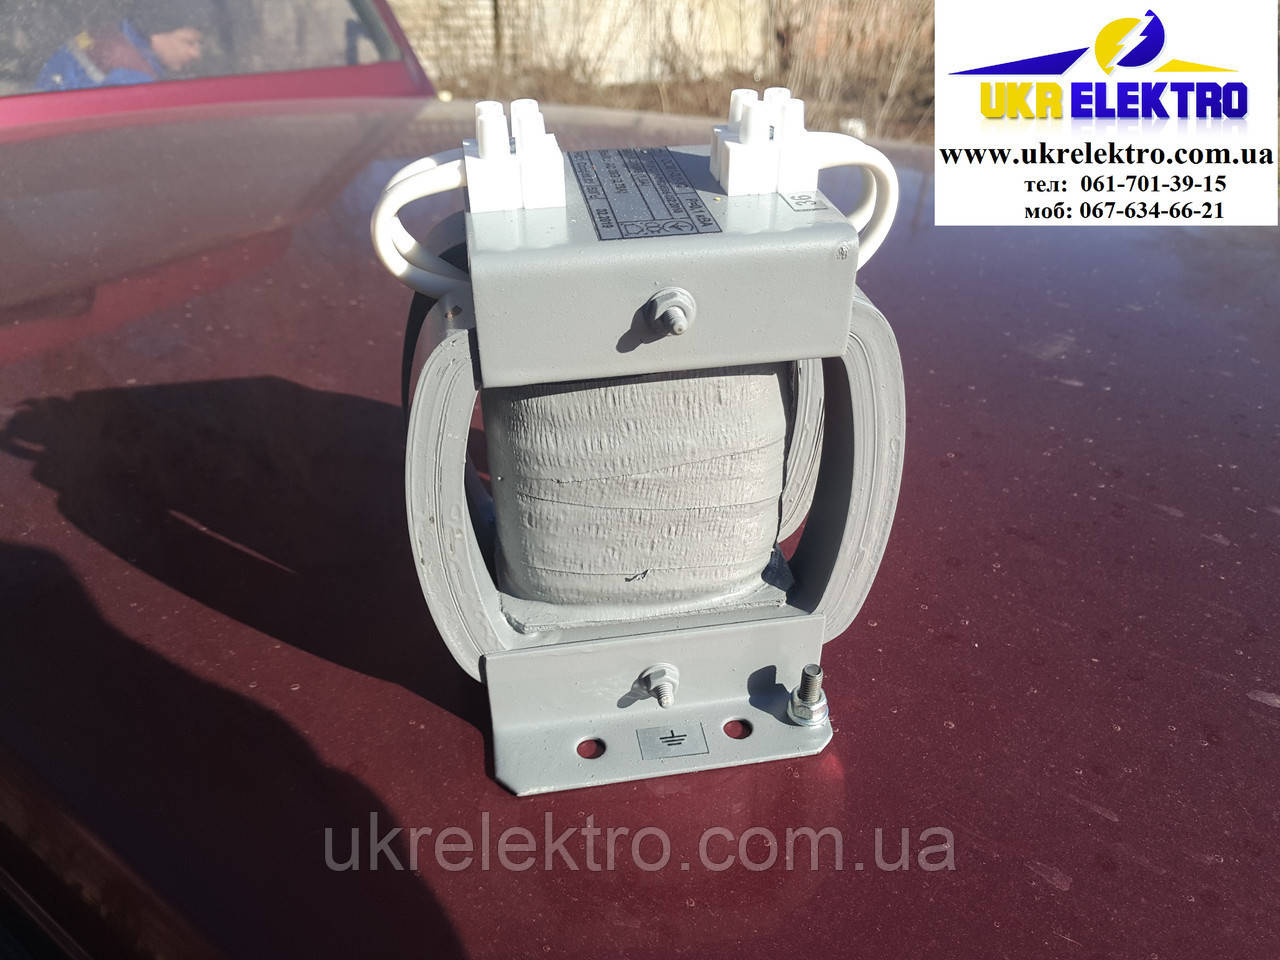 Трансформатор ОСМ-1 1.6